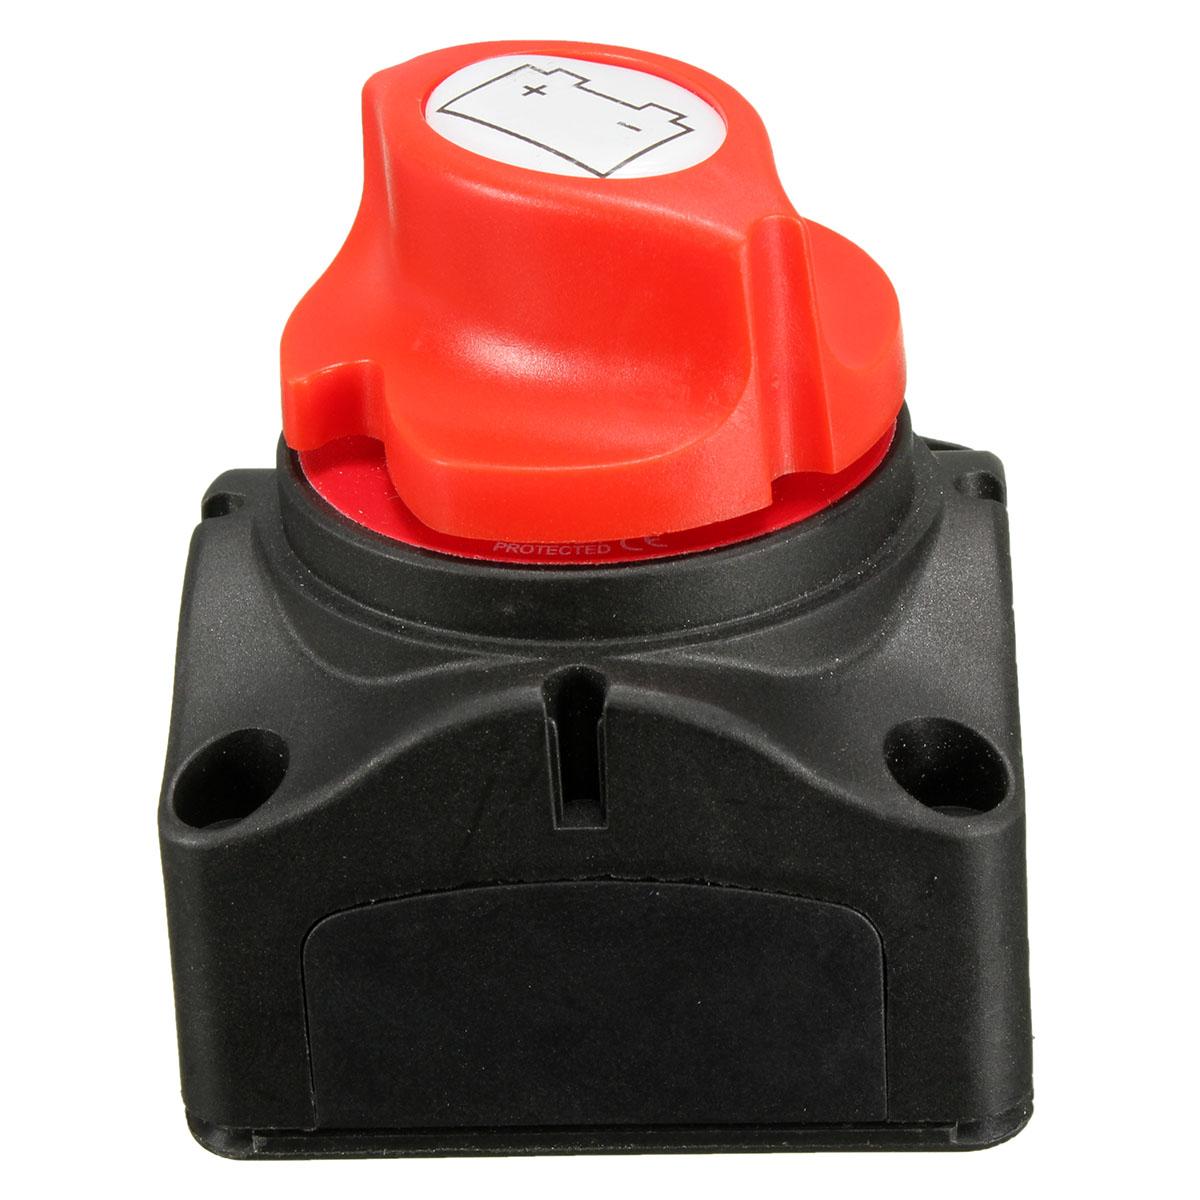 Marine Knob Battery Master Isolator Cut Off Power Kill Switch Control 12v 24v Us Ebay